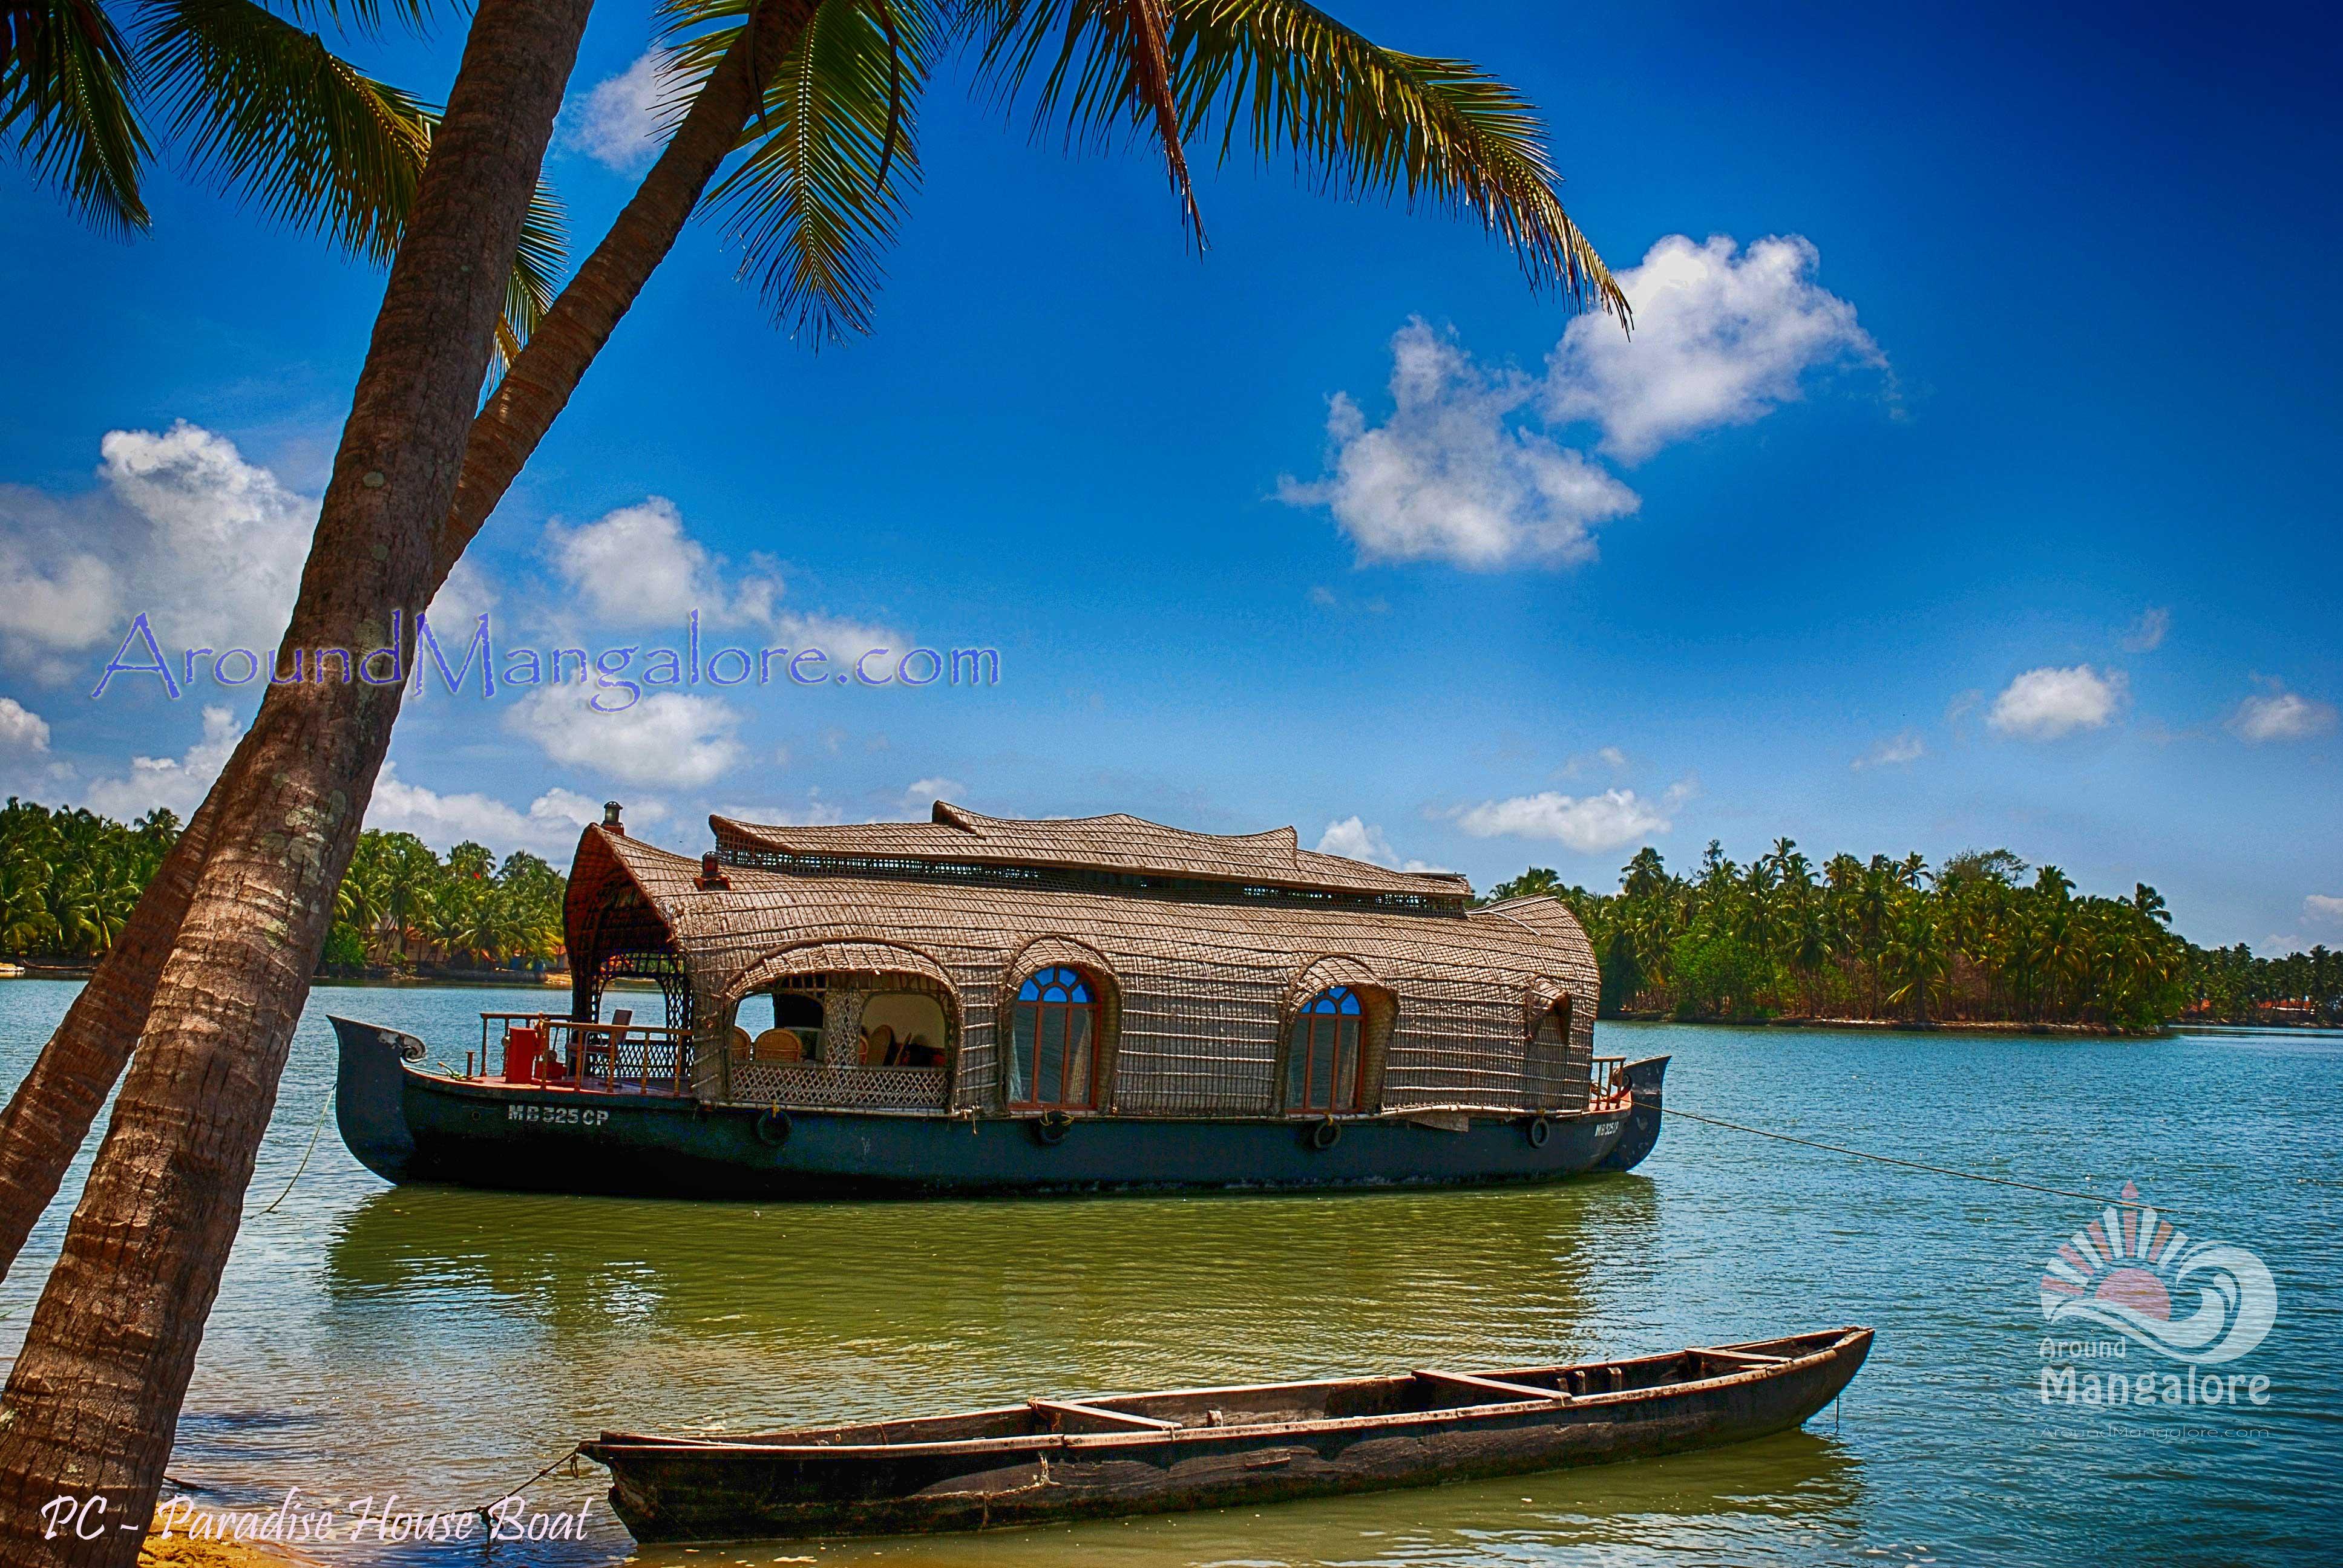 Paradise House Boat – Udupi